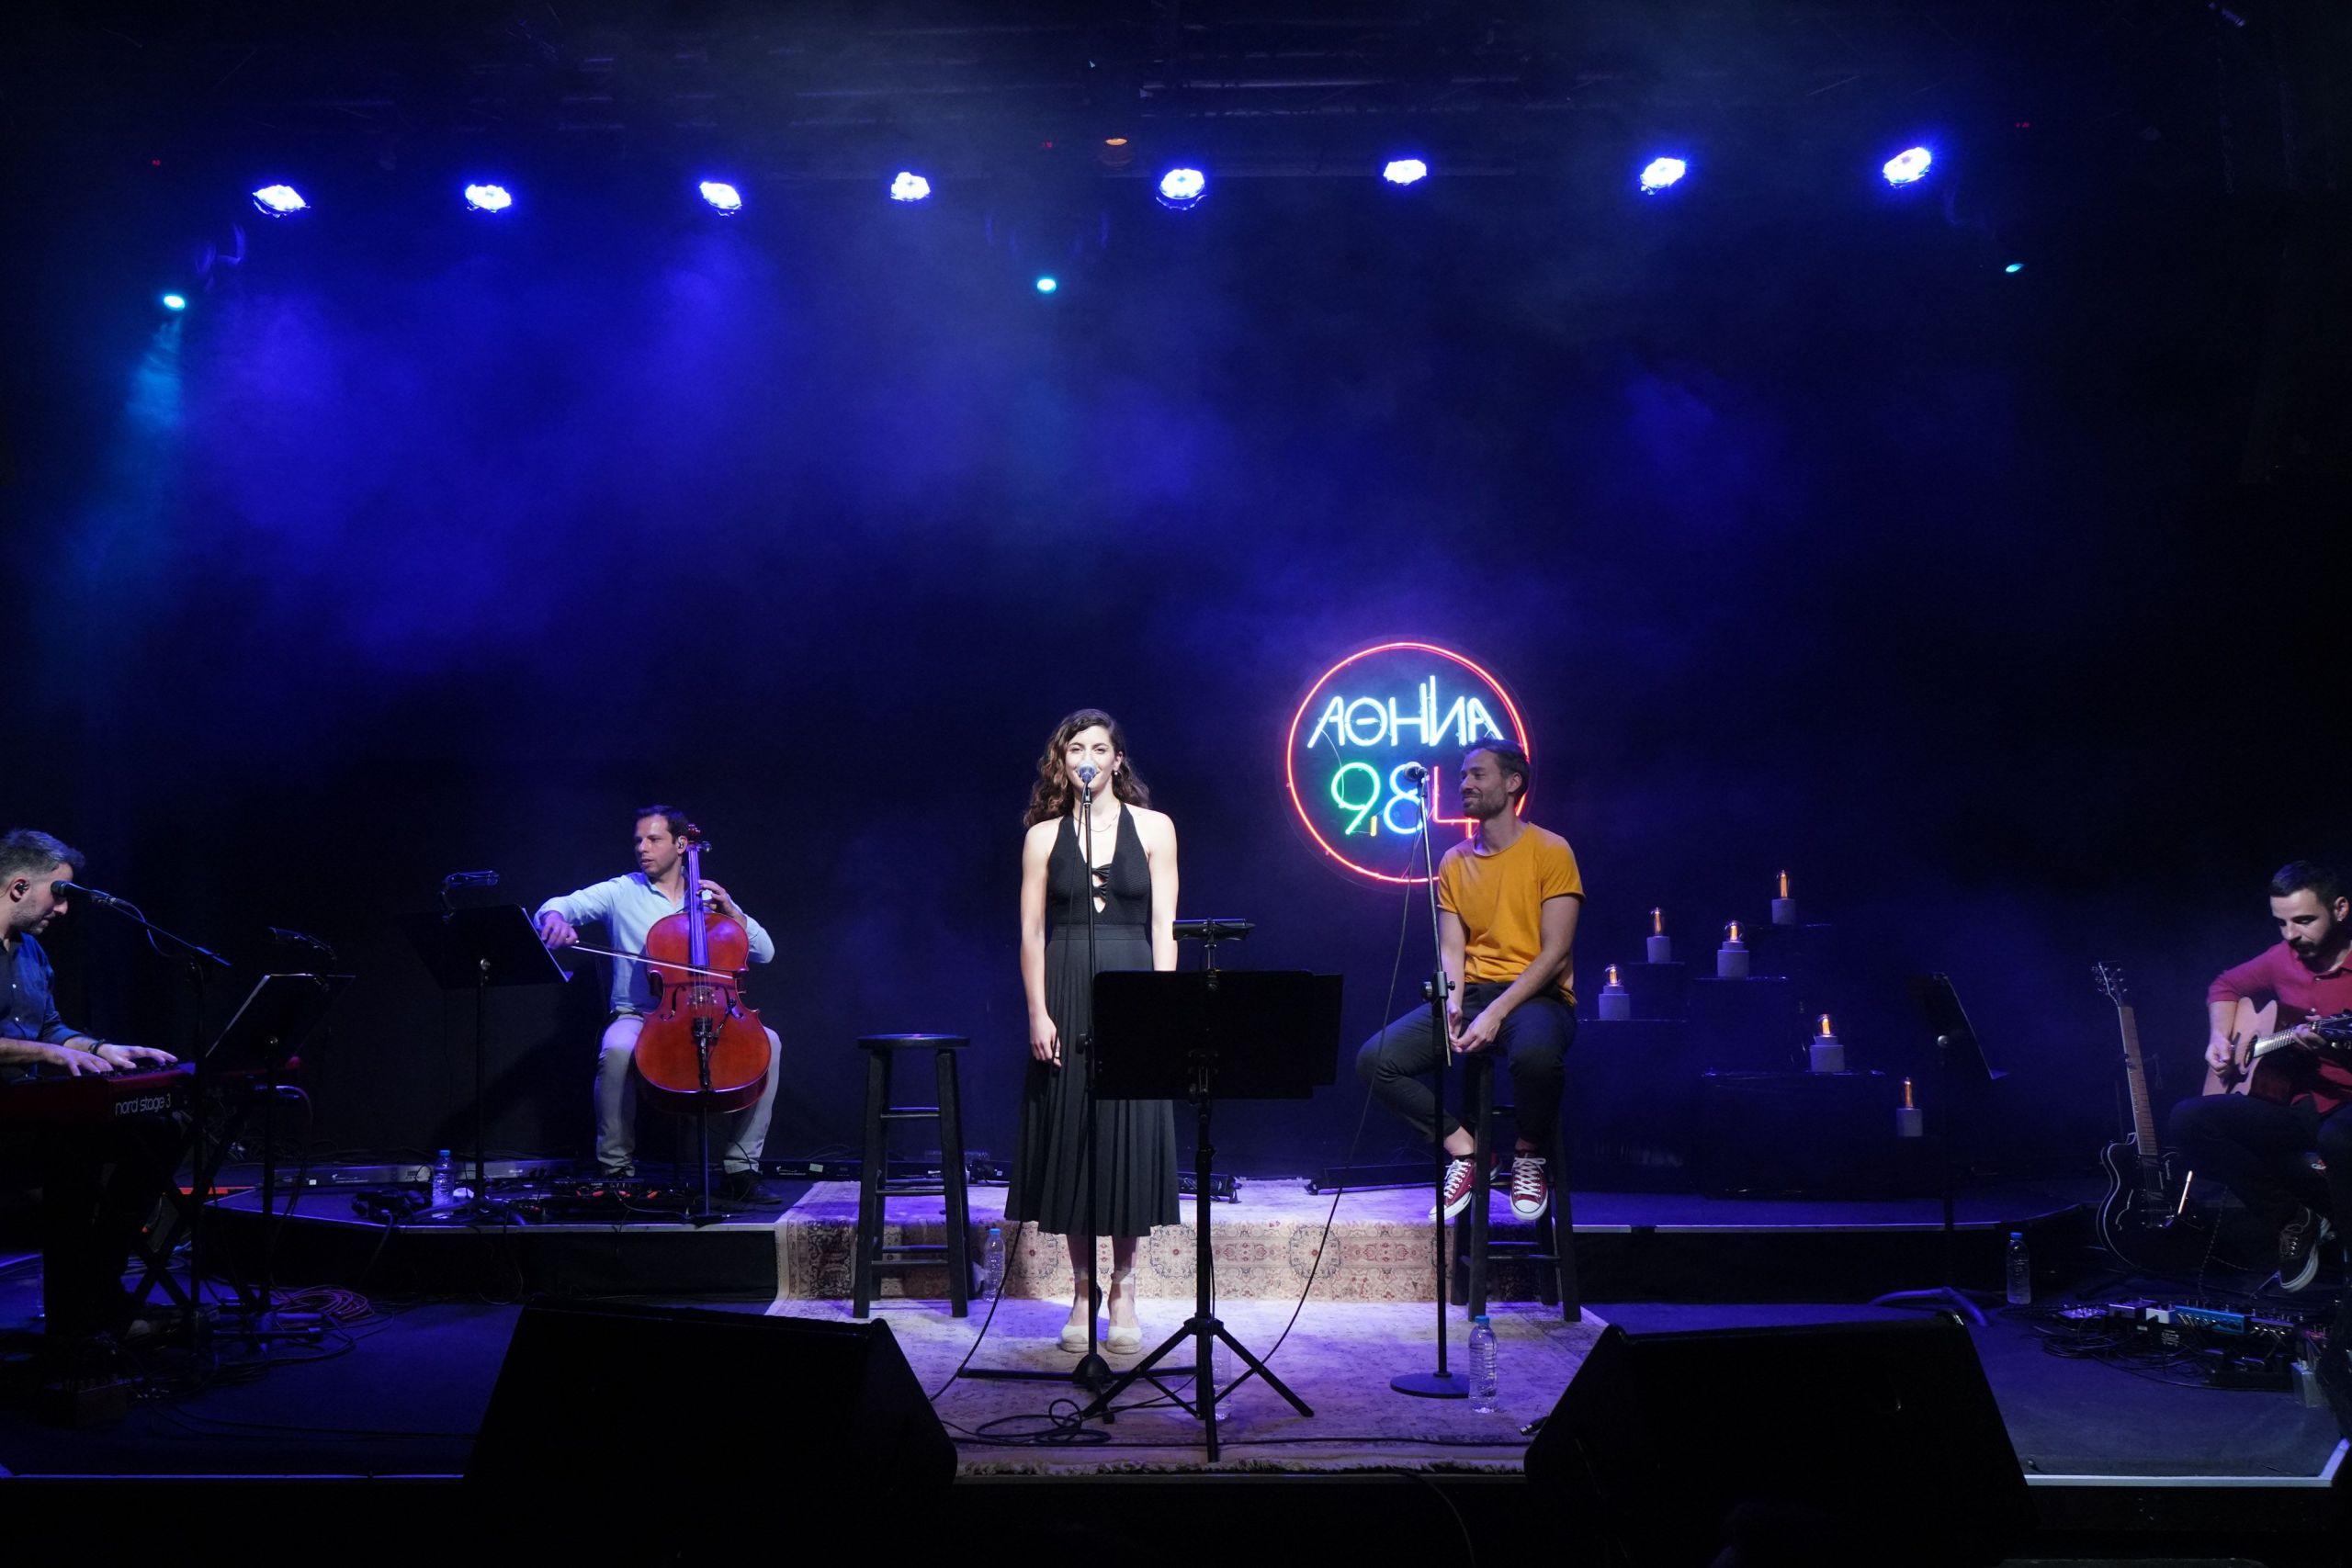 Συναυλία στο Ραδιόφωνο. Photo credits:Αντώνης Θεοδωρίδης